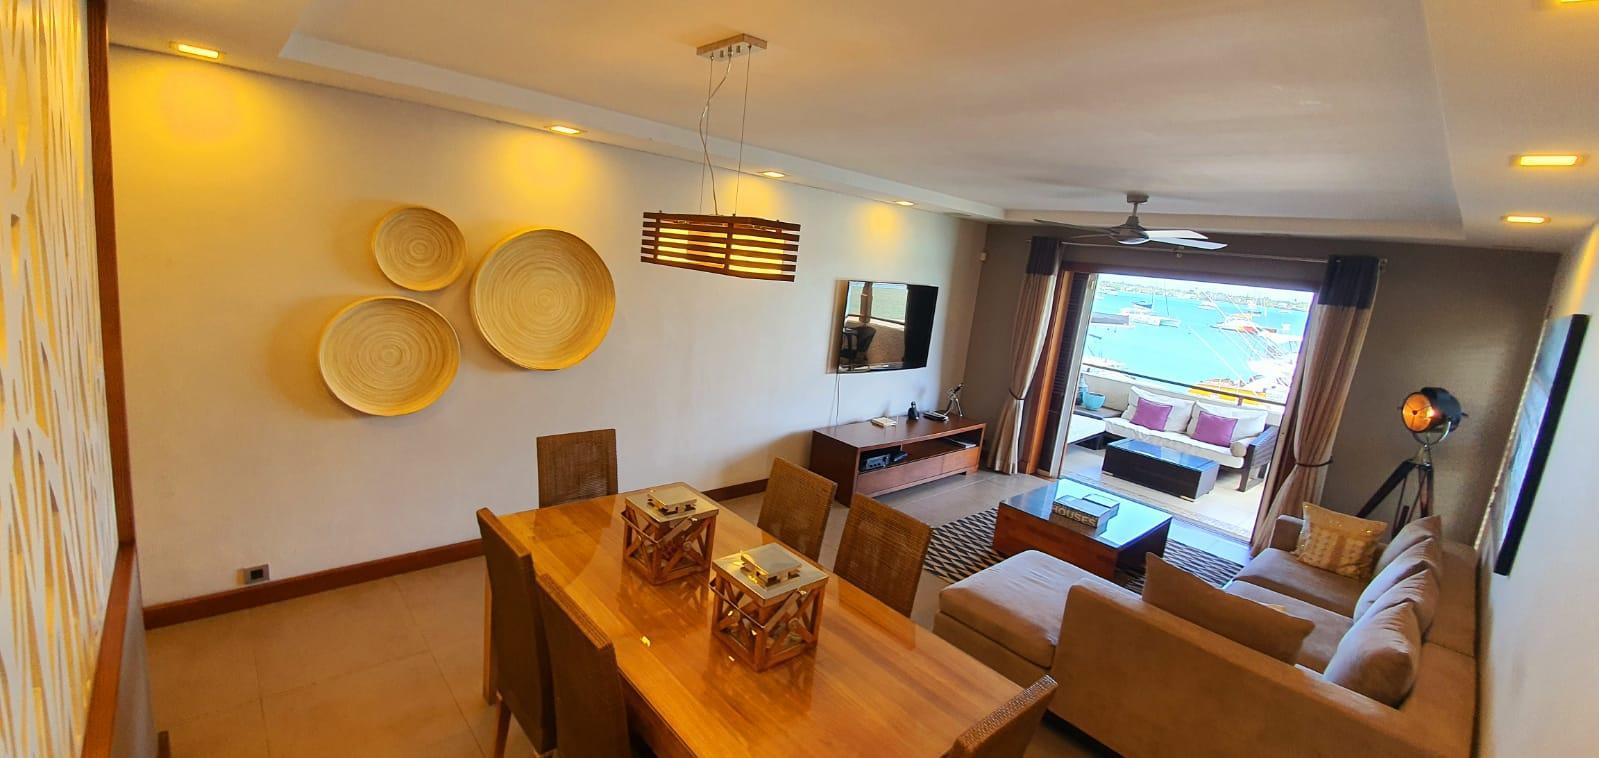 A LOUER – Appartement luxueux et contemporain pieds dans l'eau de 160 m2 meublé et équipé situé au cœur de Grand Baie.